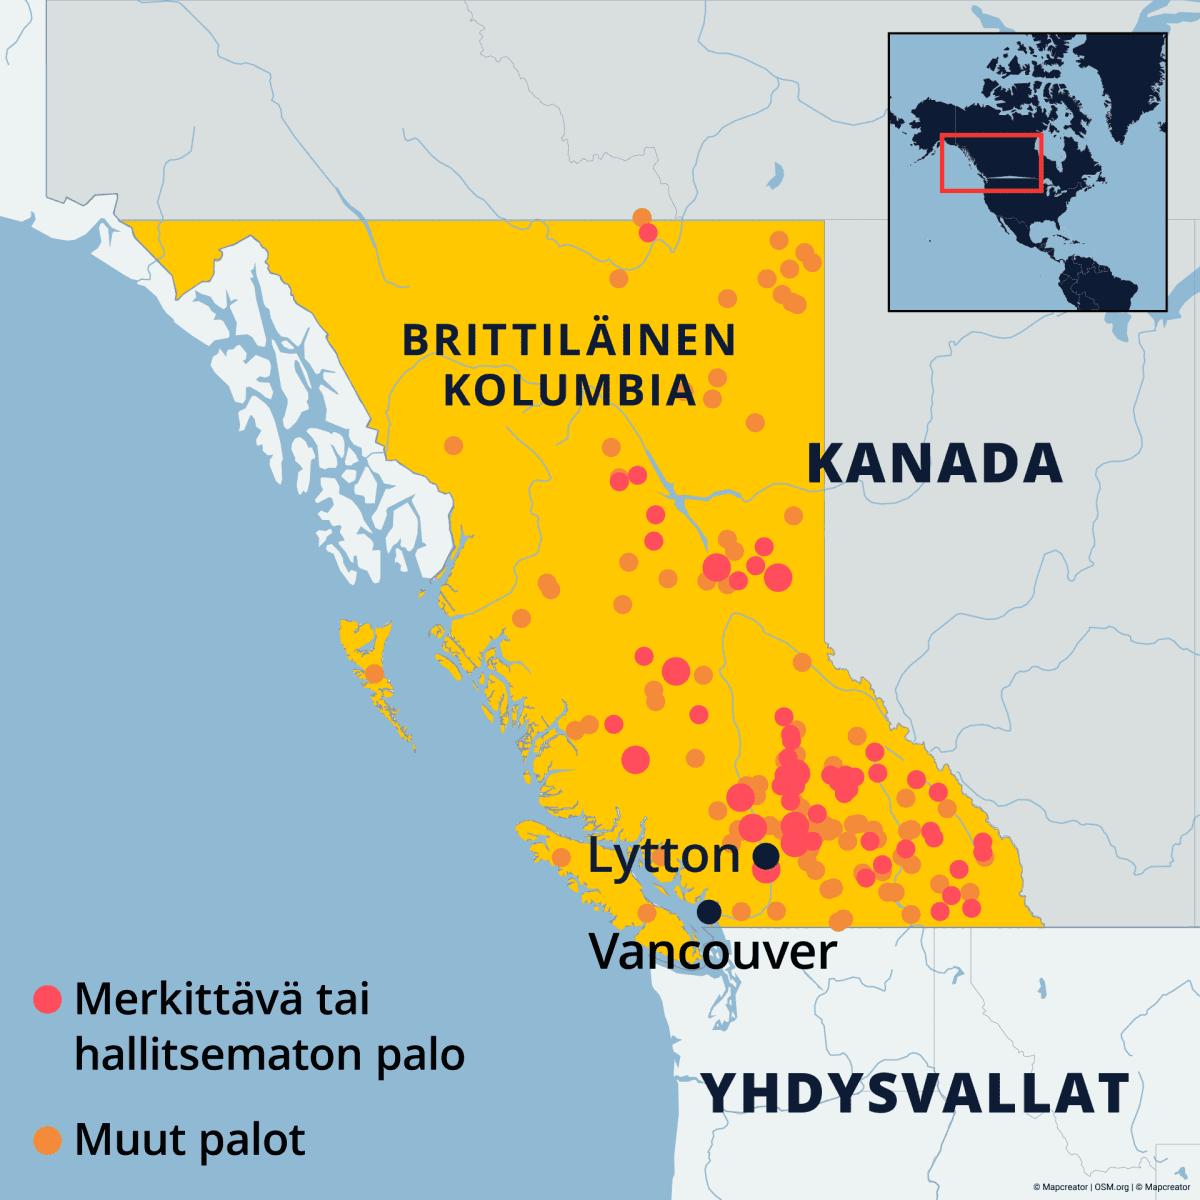 Kartta jossa näkyvät Kanadan Brittiläisen Kolumbian maastopalot.